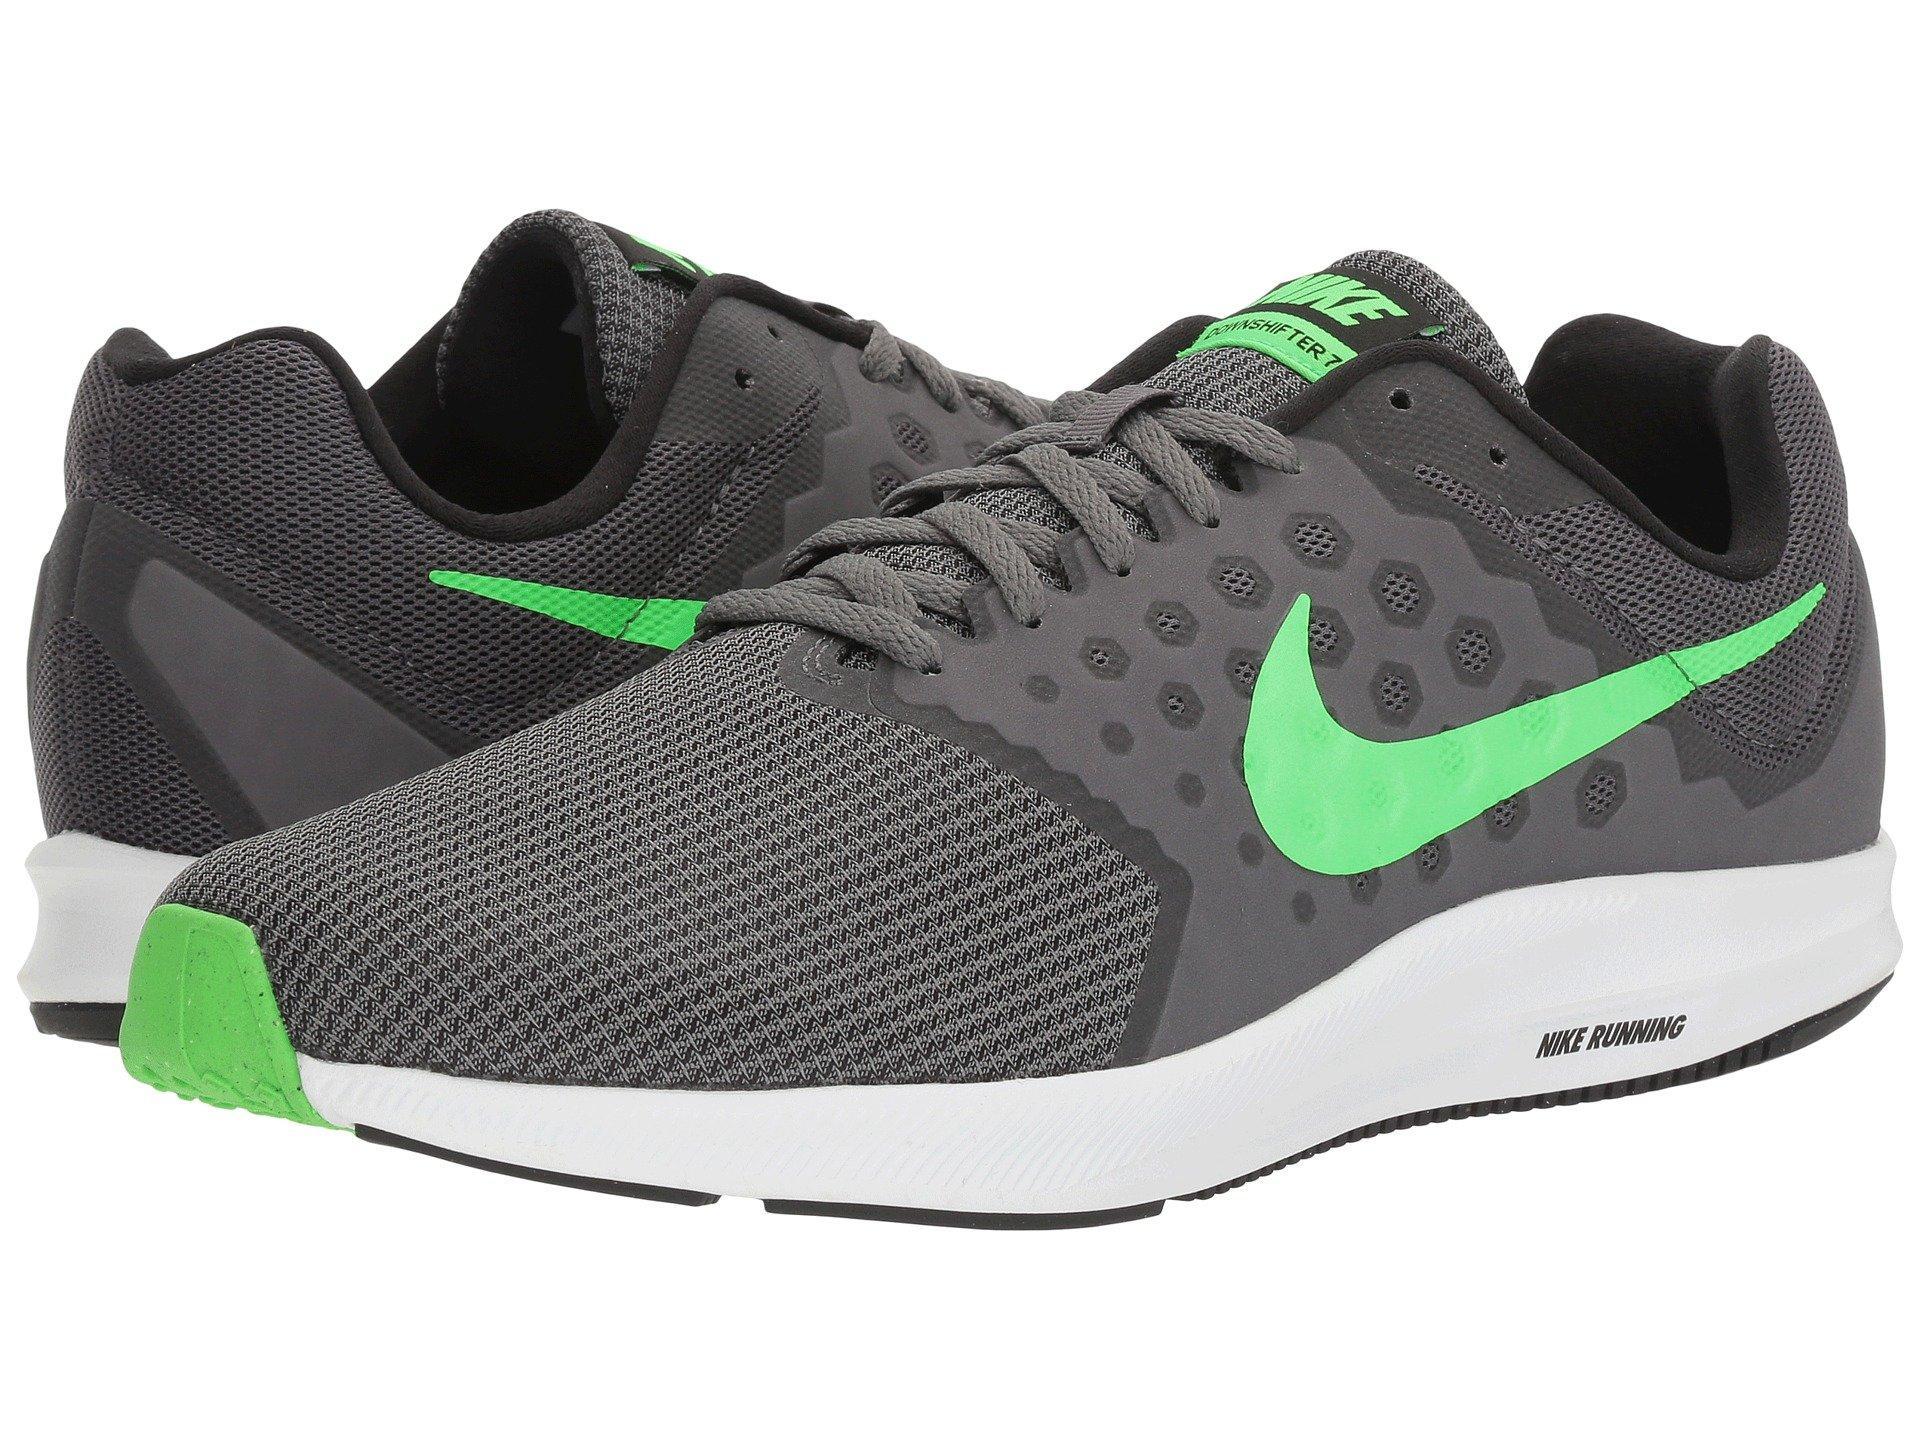 9af16a7a1f5c Nike Downshifter 7 In Dark Grey Rage Green White Black